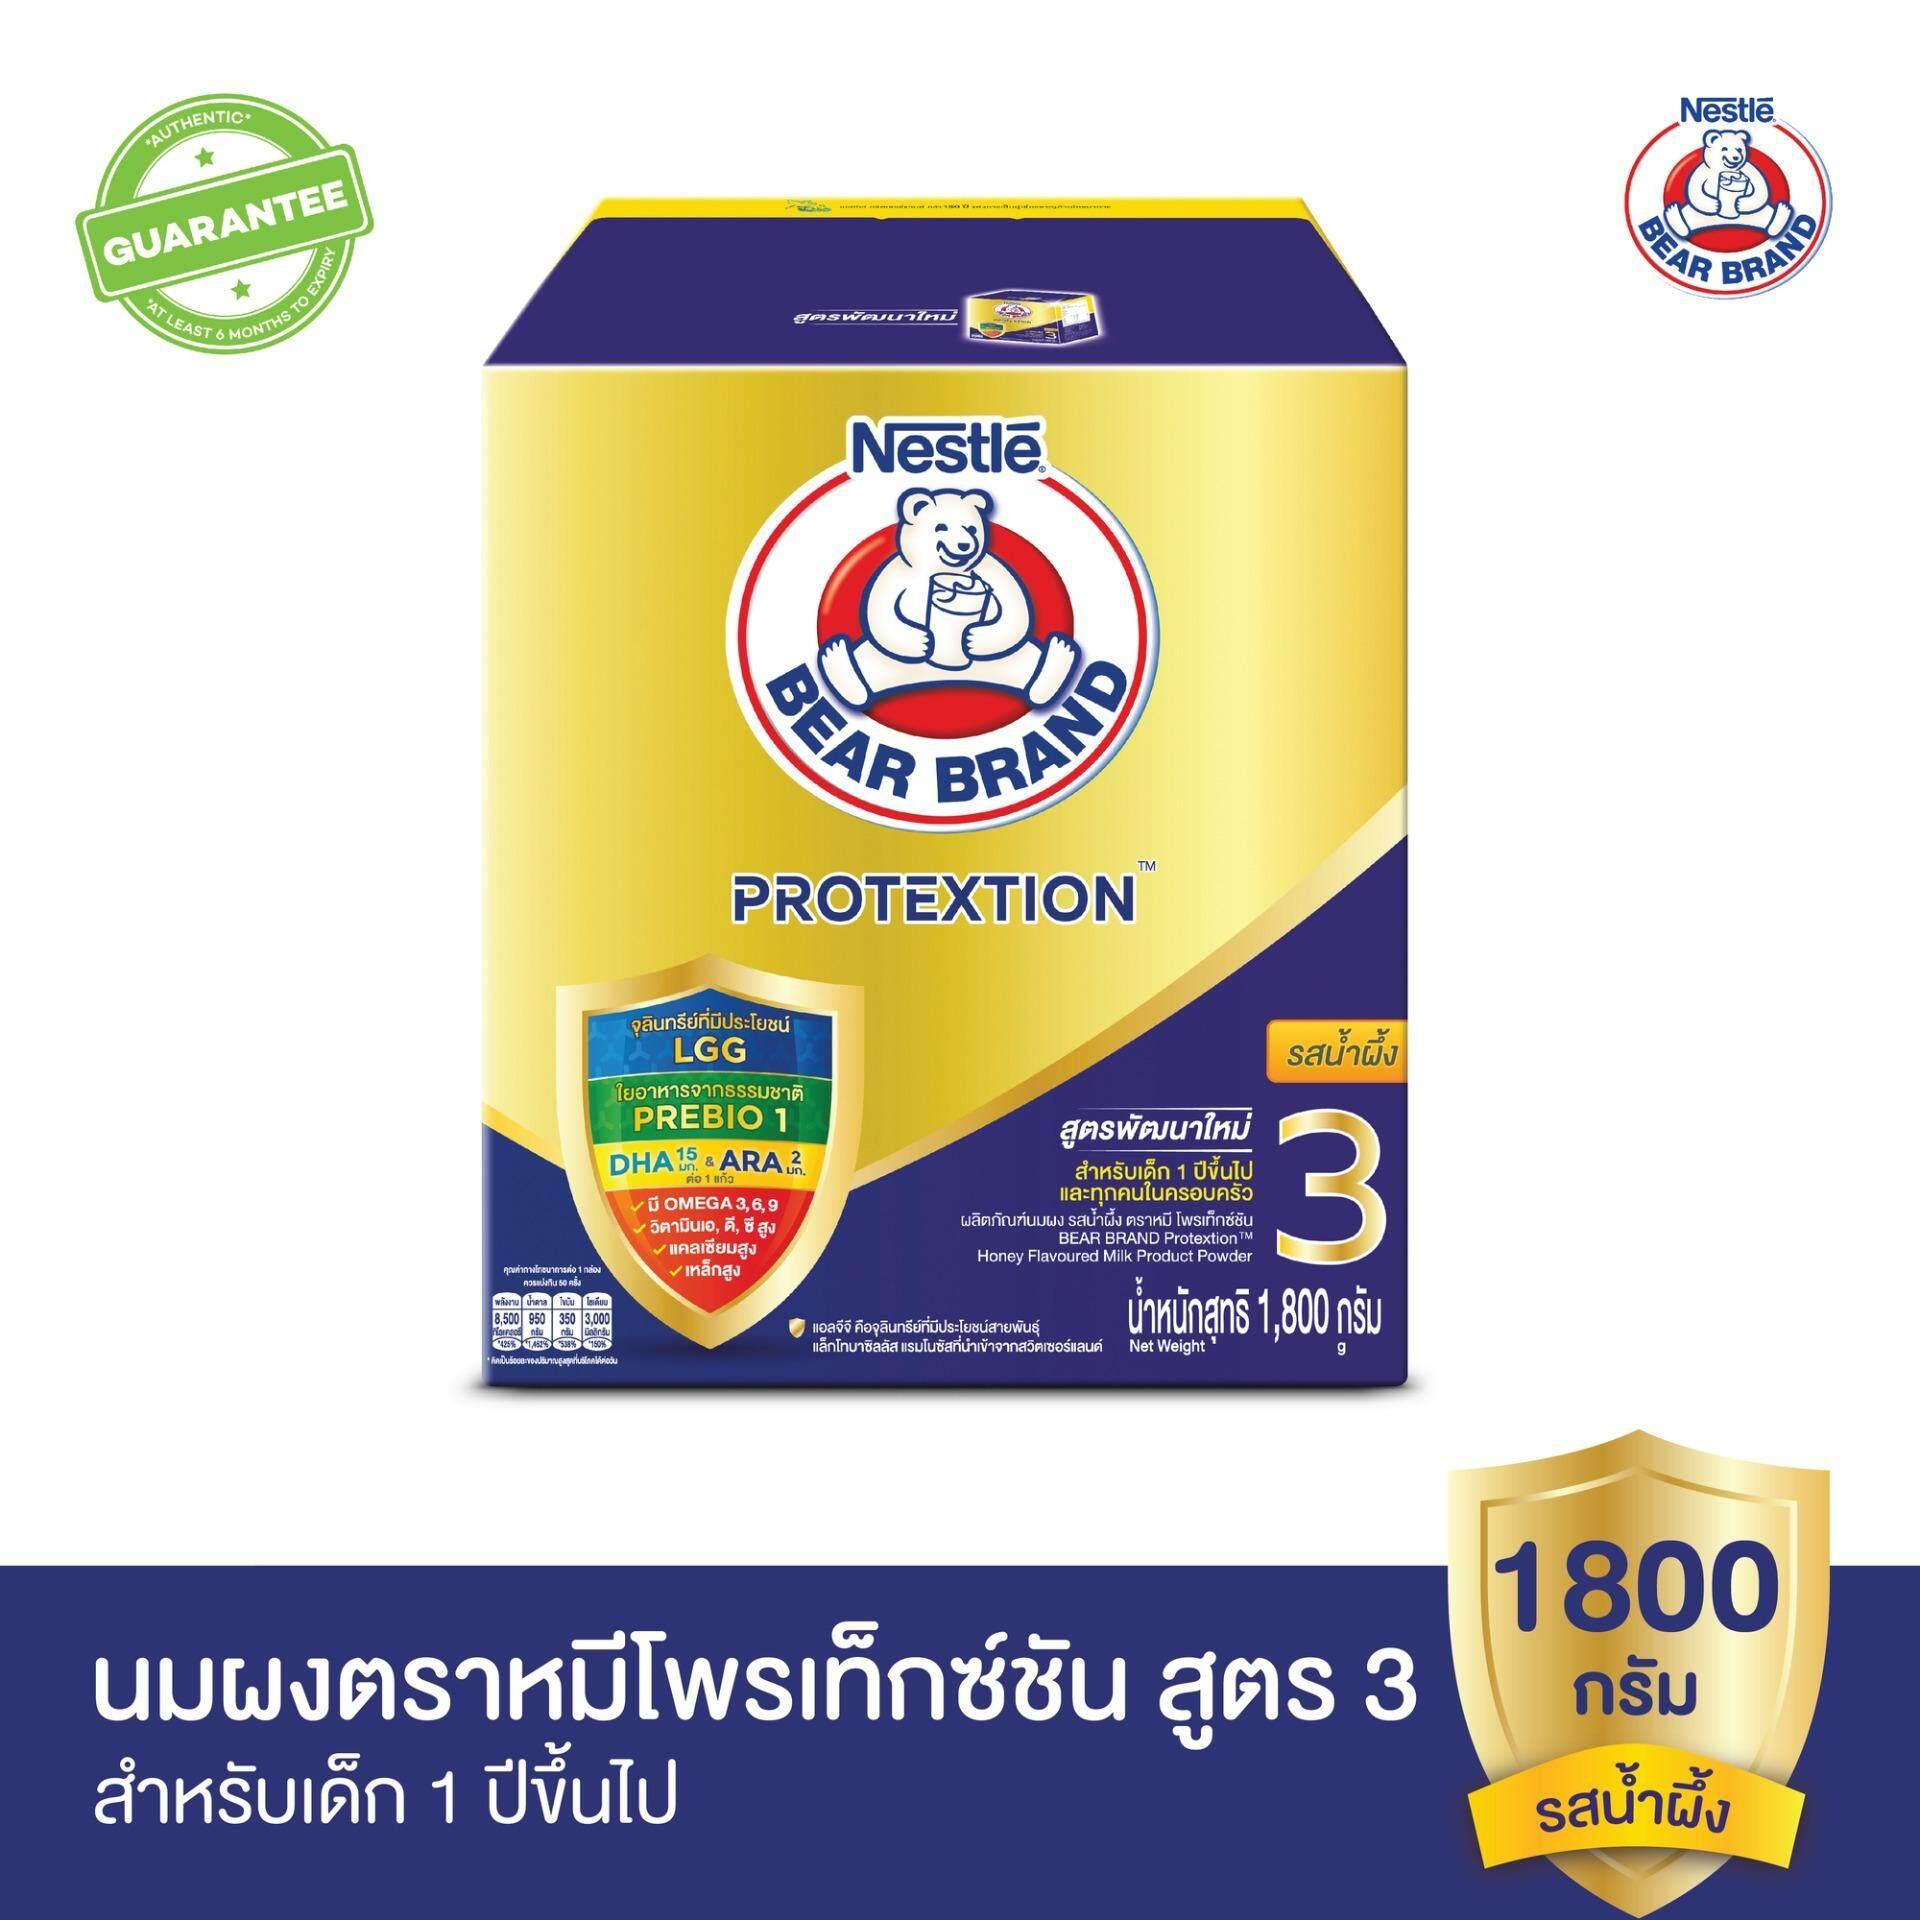 นมผง ตราหมี สูตร 3 นมผงสำหรับเด็ก รสน้ำผึ้ง ขนาด 1800 กรัม (1 กล่อง)   สำหรับขาย ของแท้